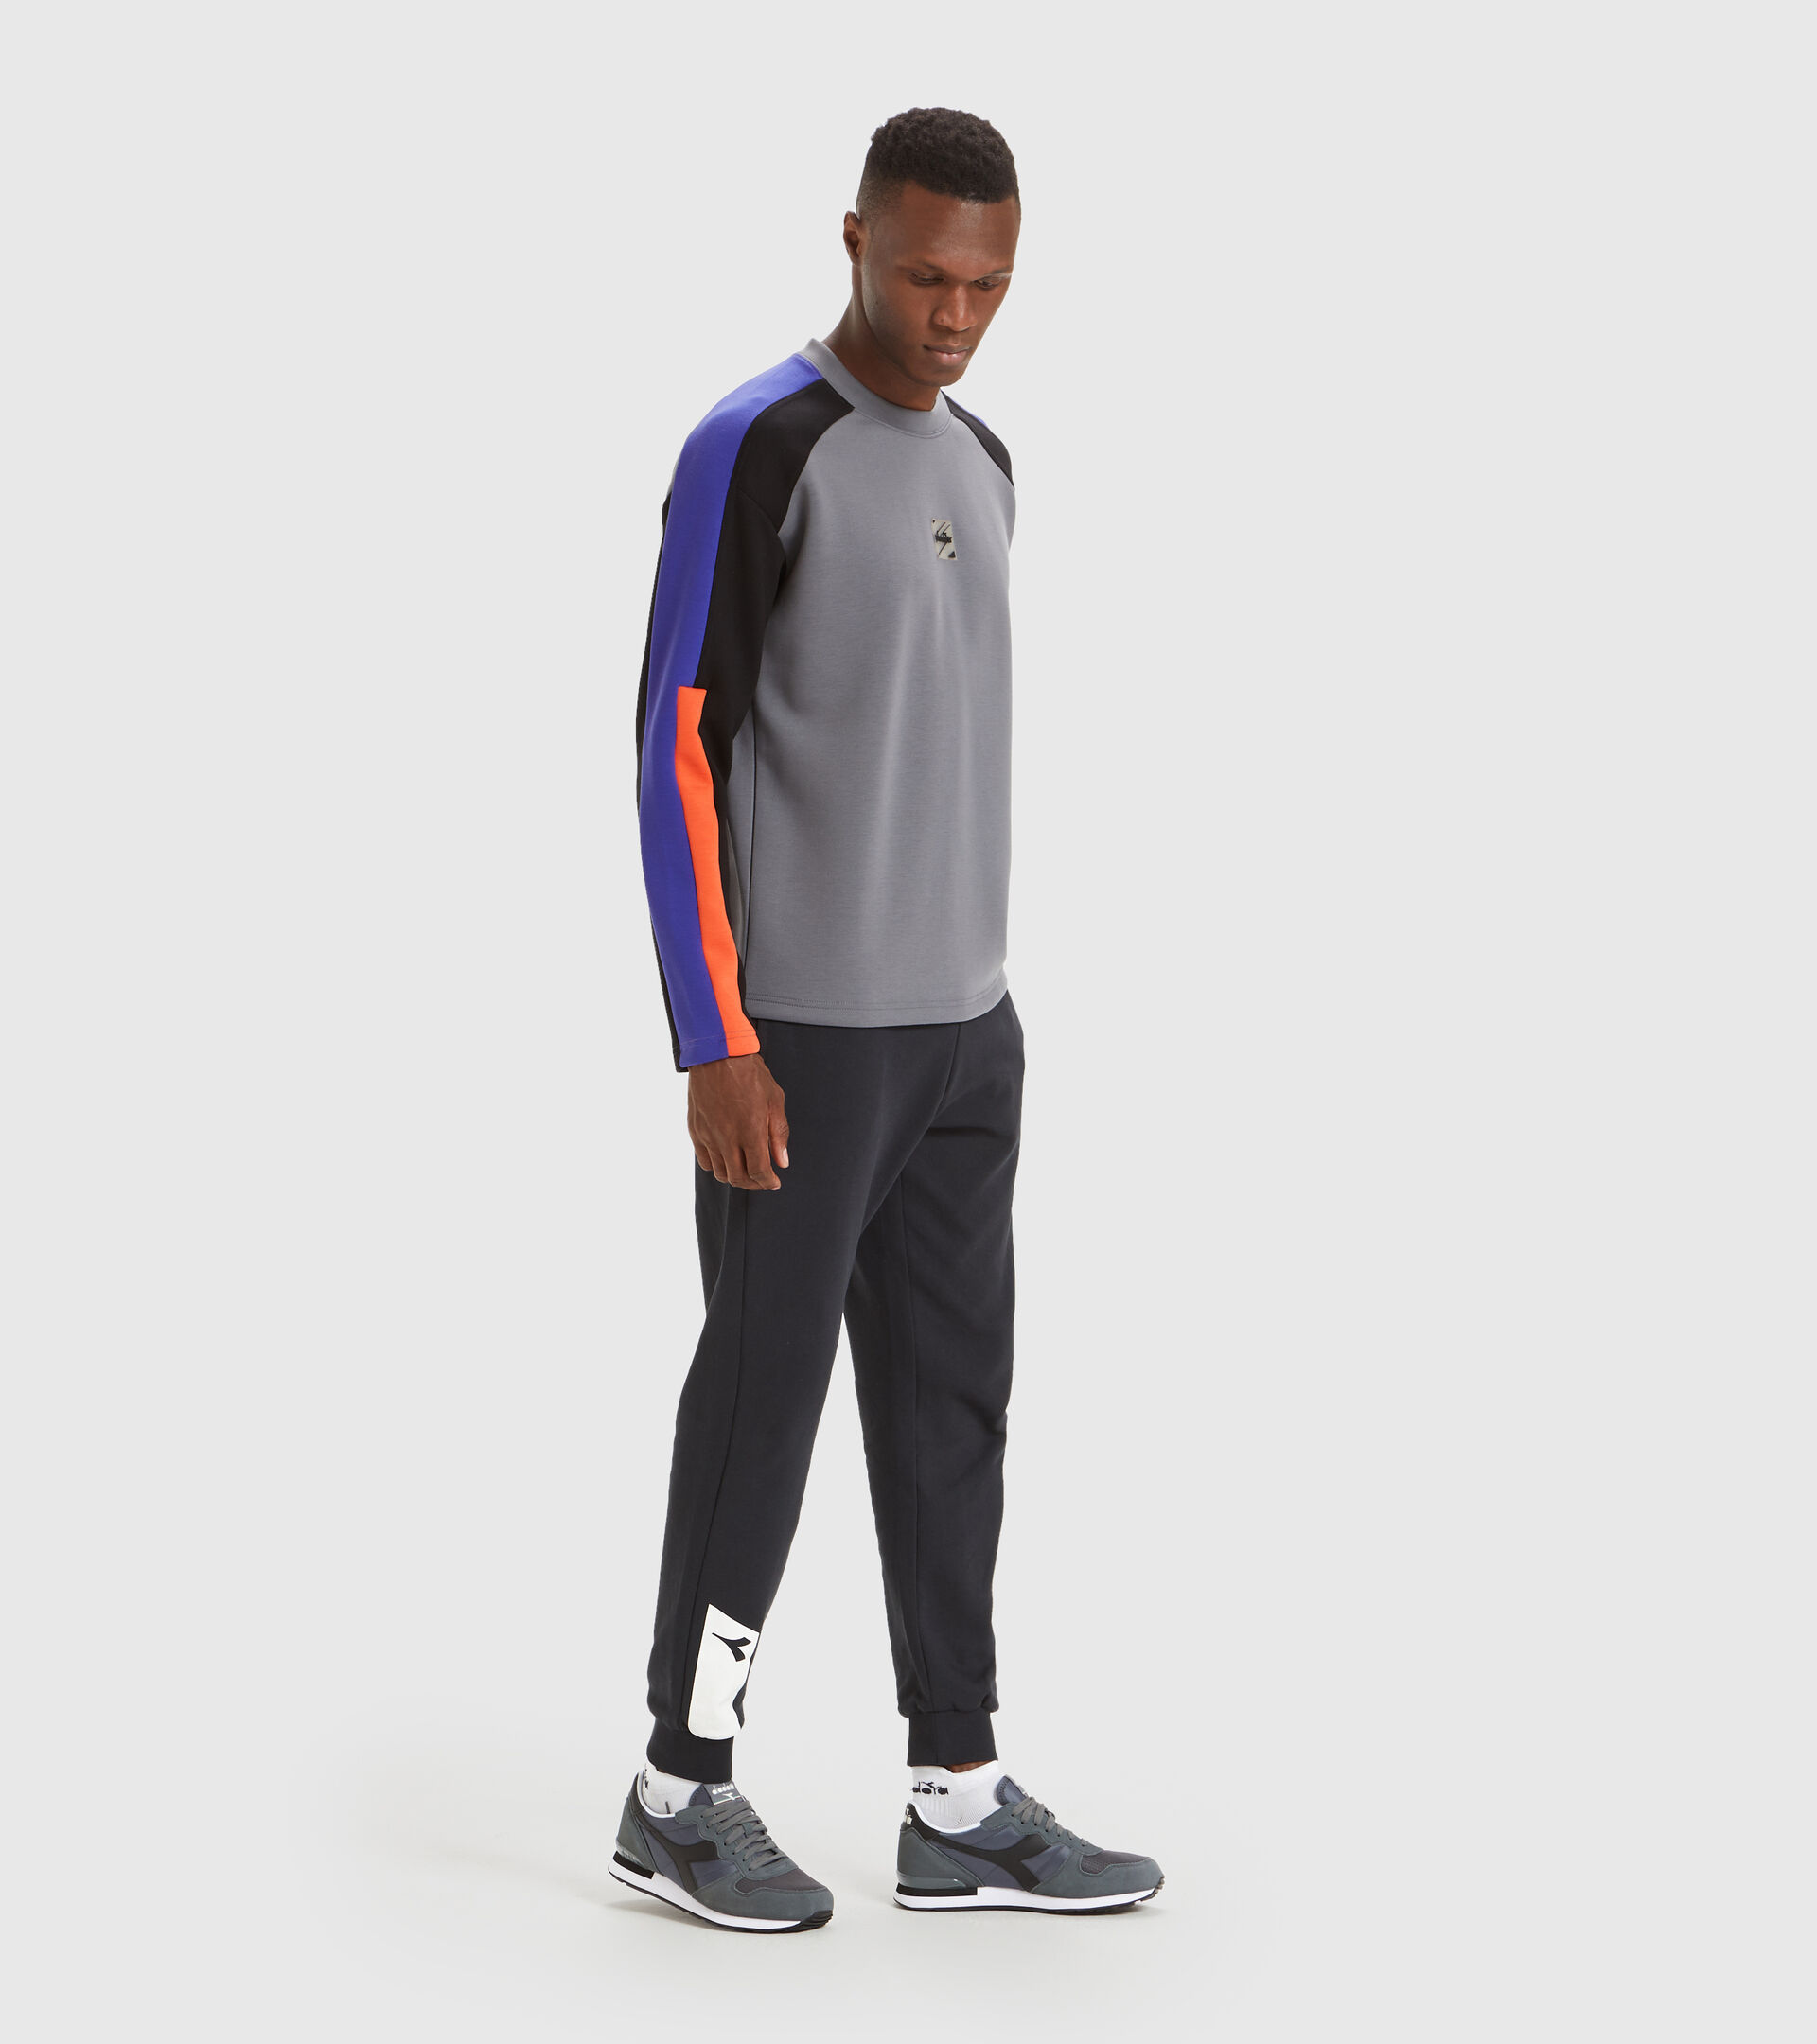 Pantaloni sportivi - Unisex  PANT ICON NERO - Diadora